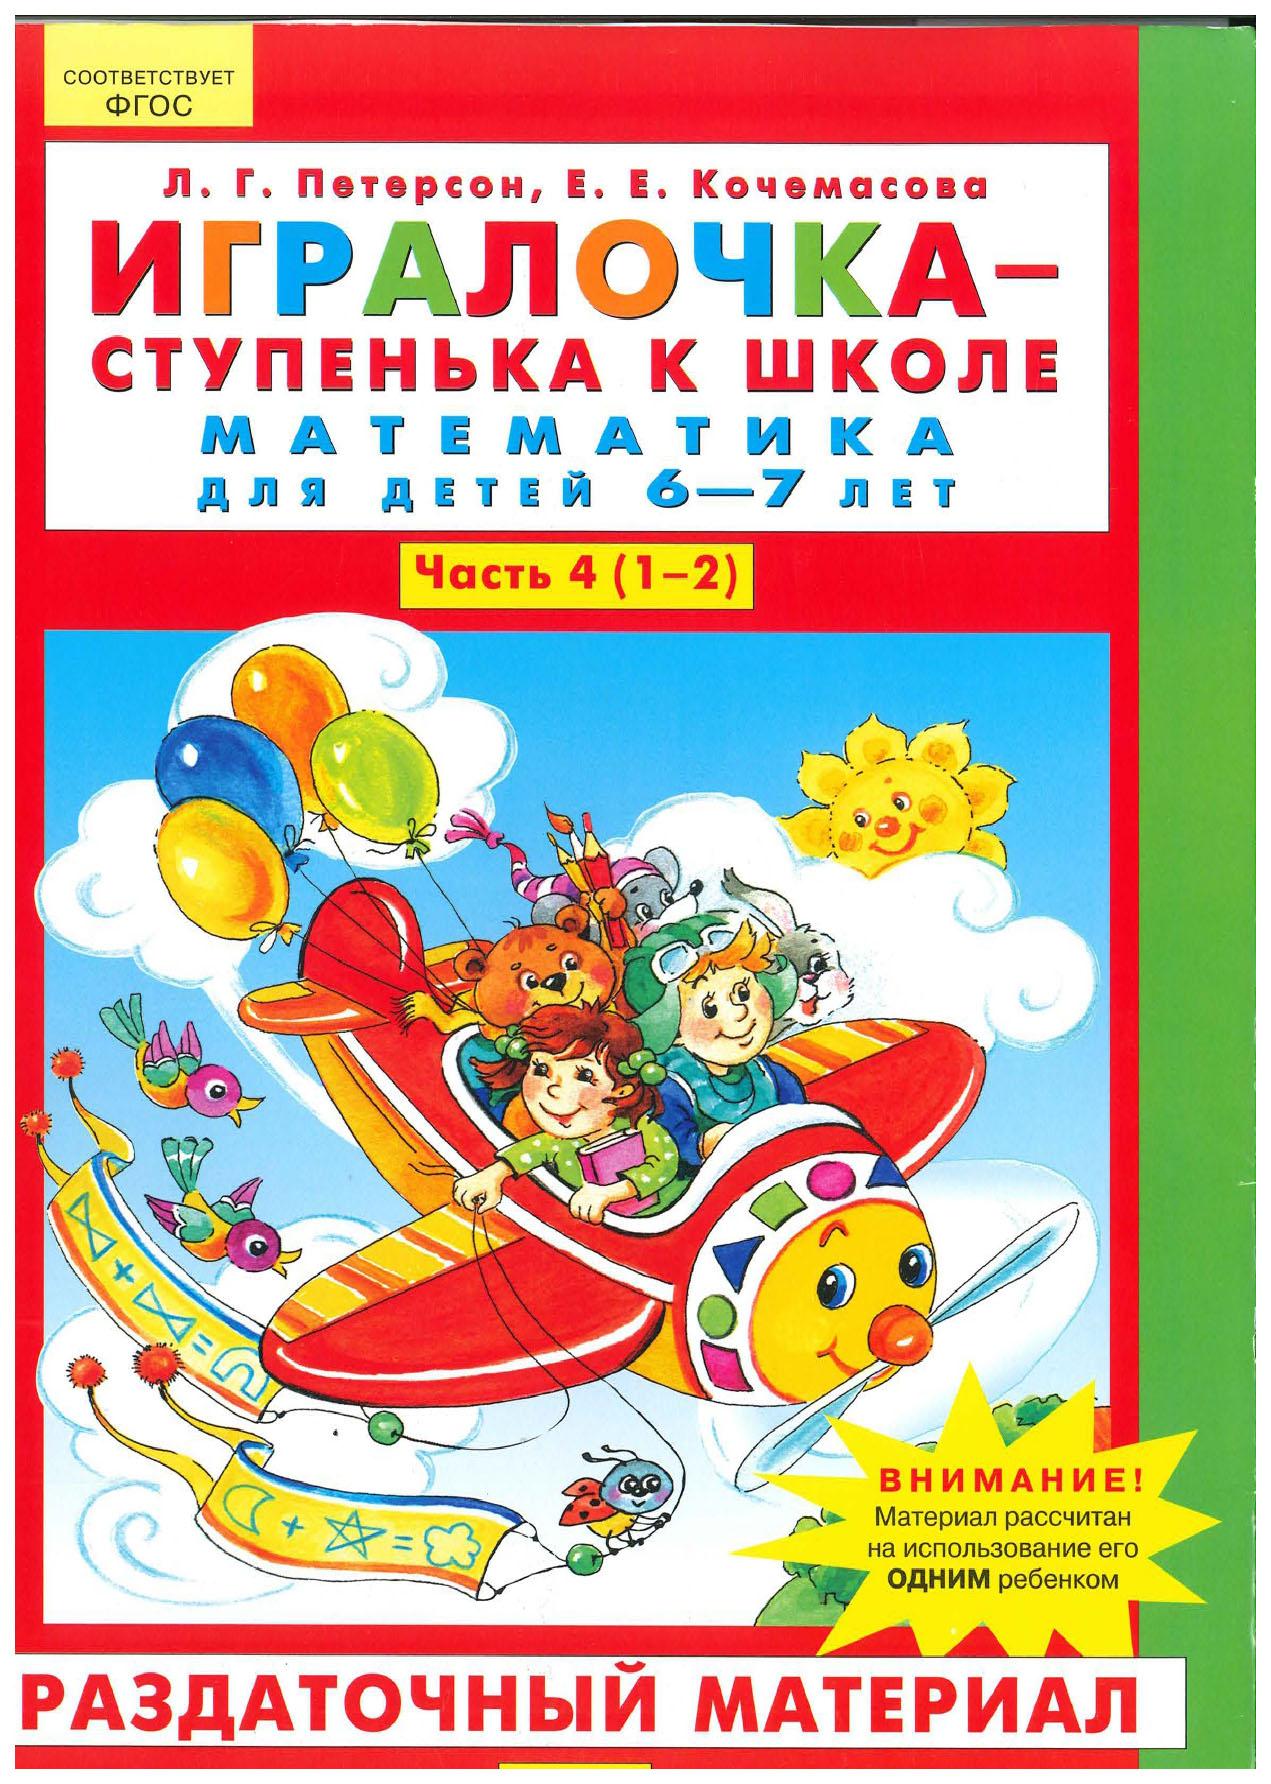 Игралочка-Ступенька к Школе. Математика для Детей 6-7 лет. Часть 4